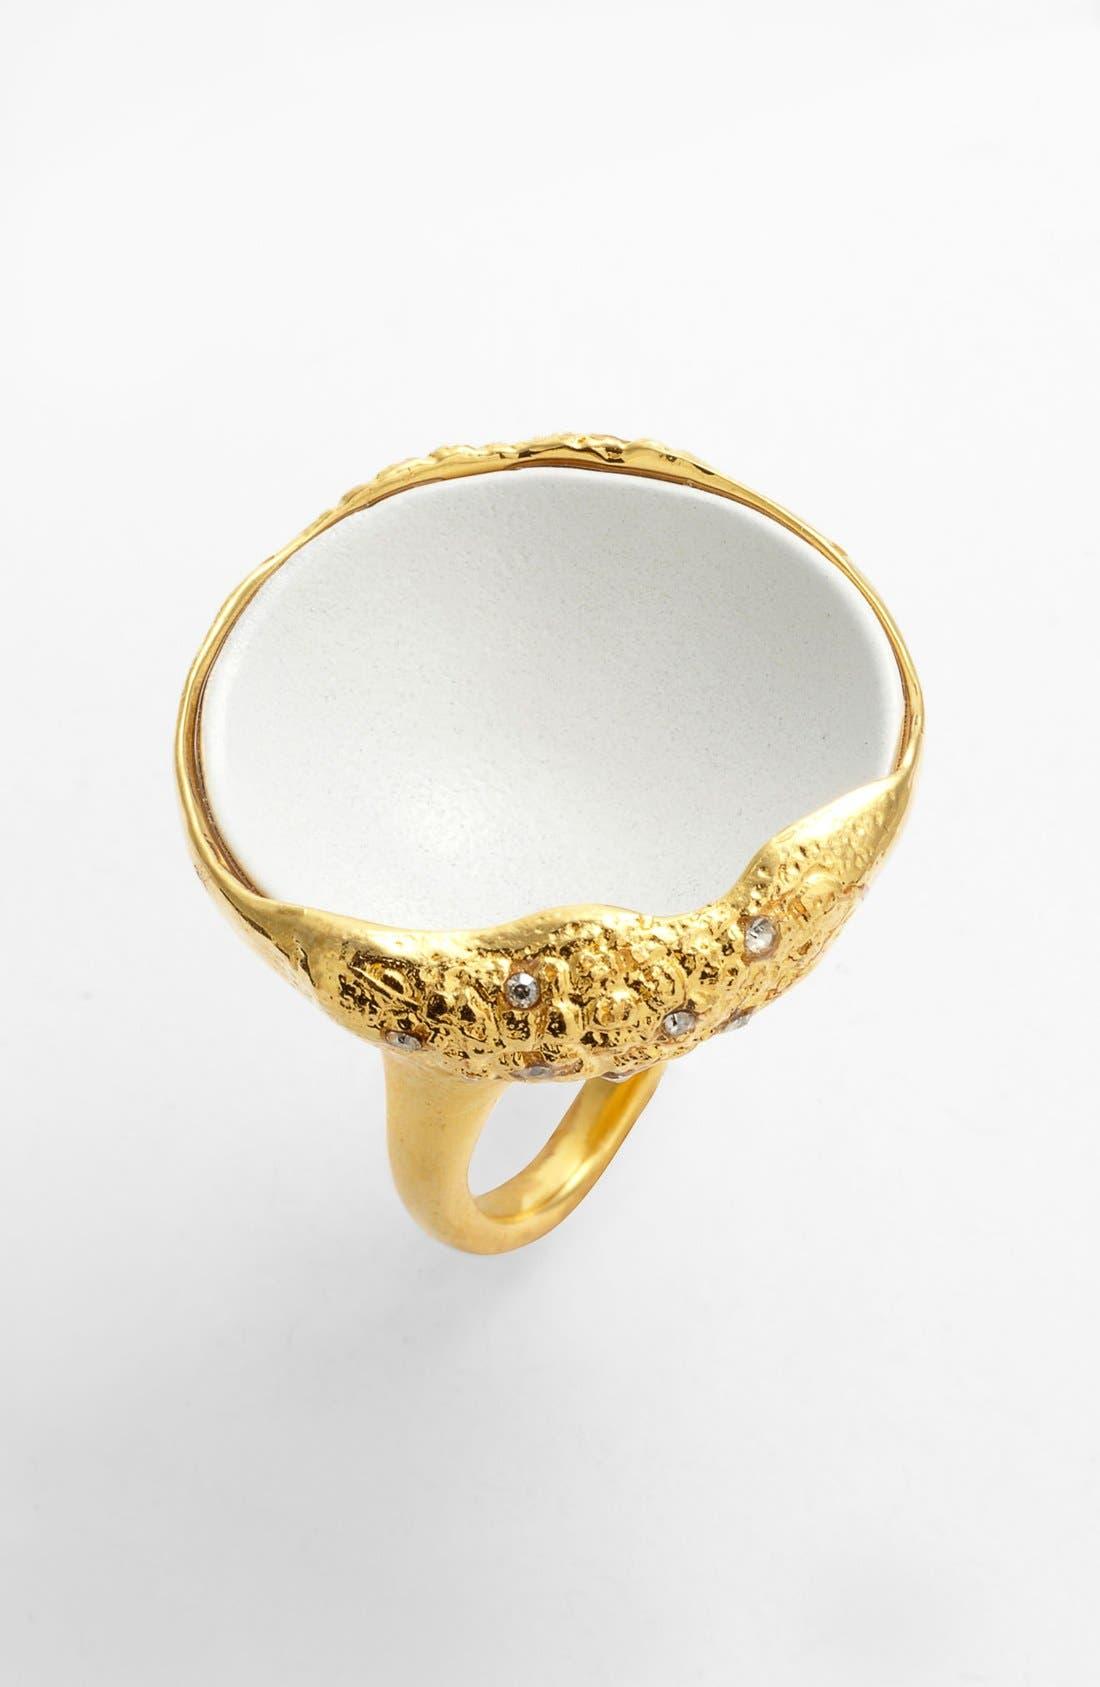 Main Image - Alexis Bittar 'Miss Havisham - Liquid Gold' Concave Ring